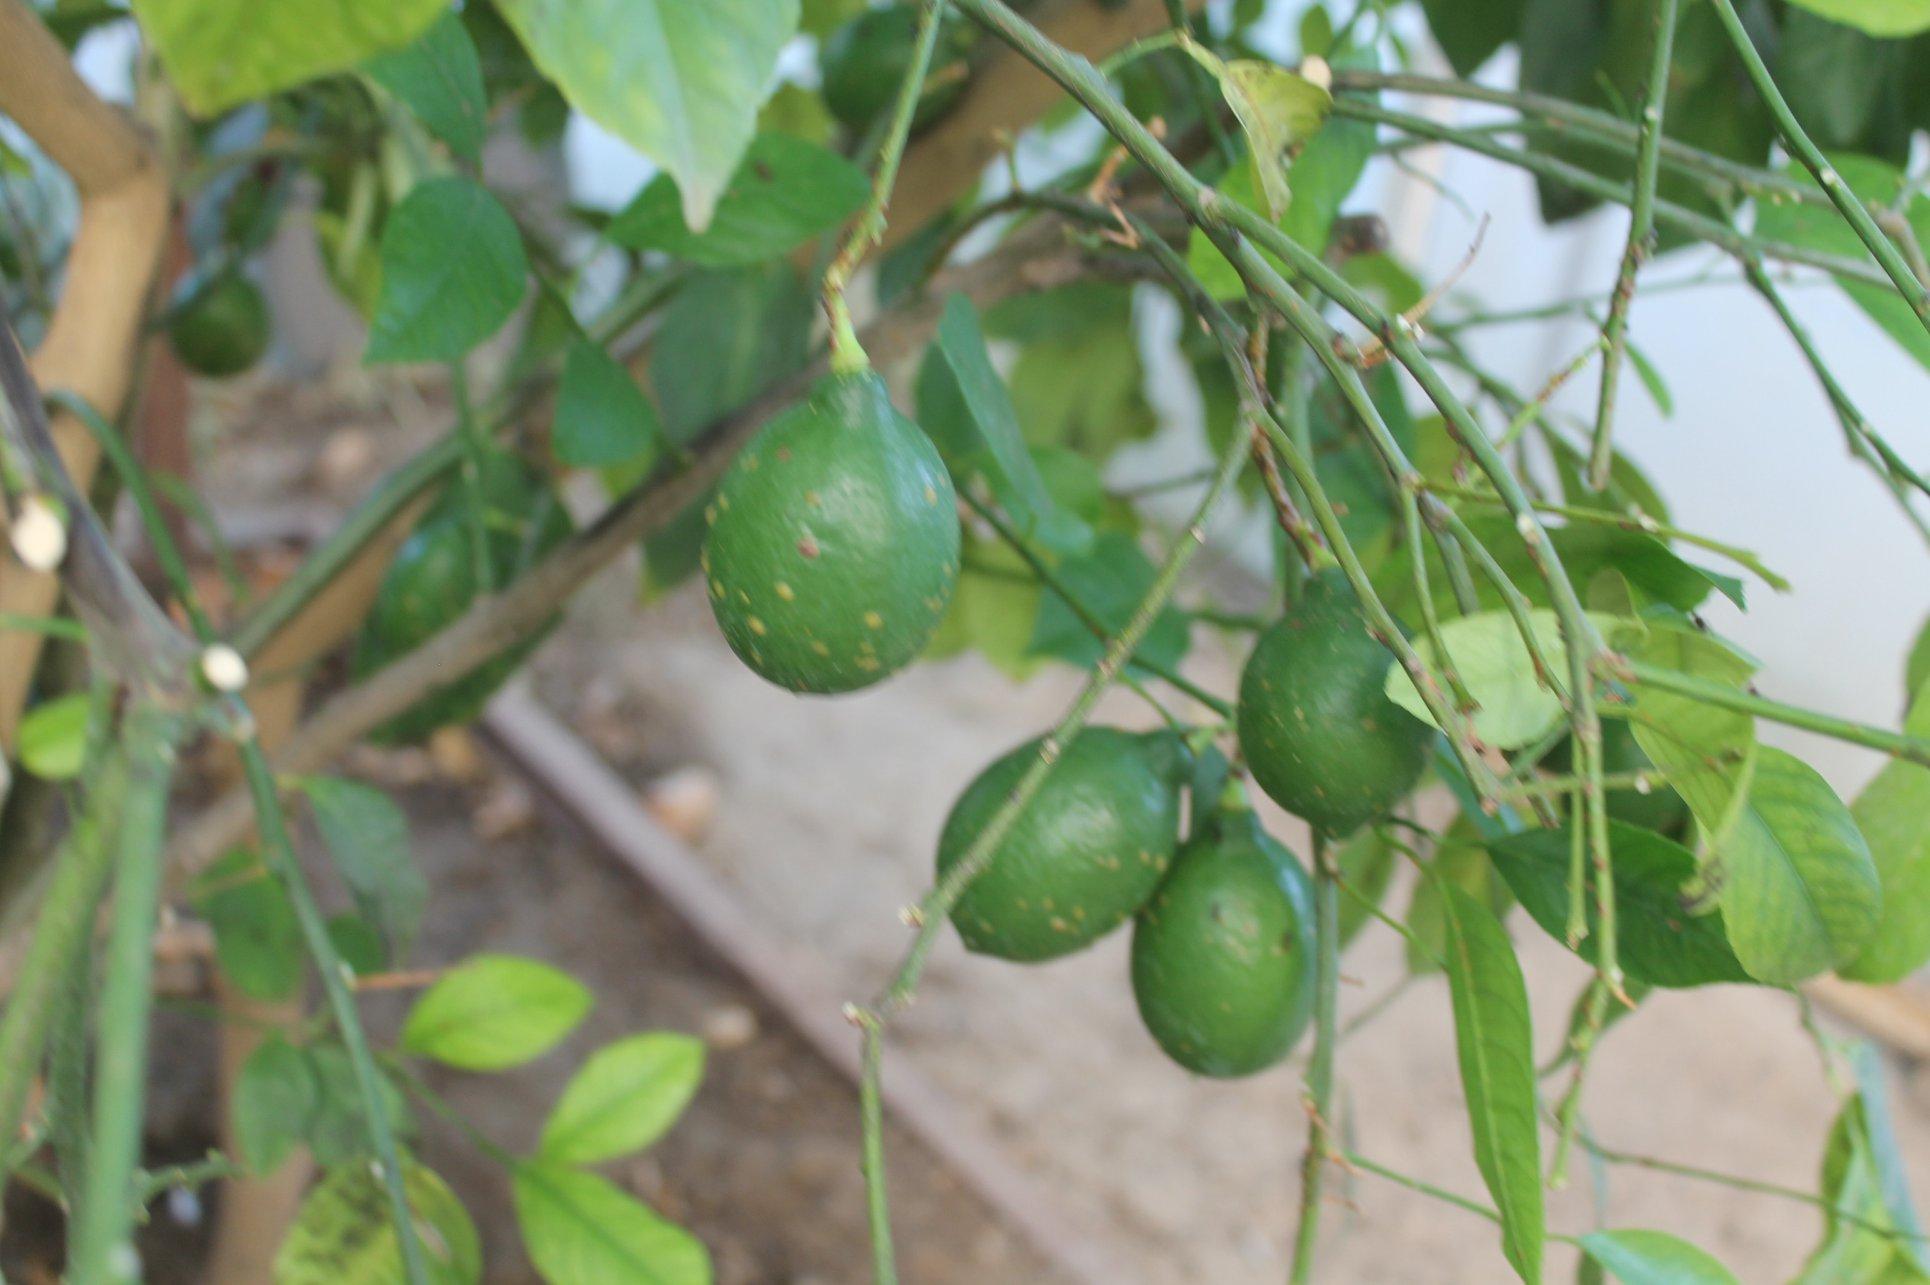 ТҮРКІСТАН: Кентаулық шаруа лимон ағашынан мол өнім алуды көздеп отыр